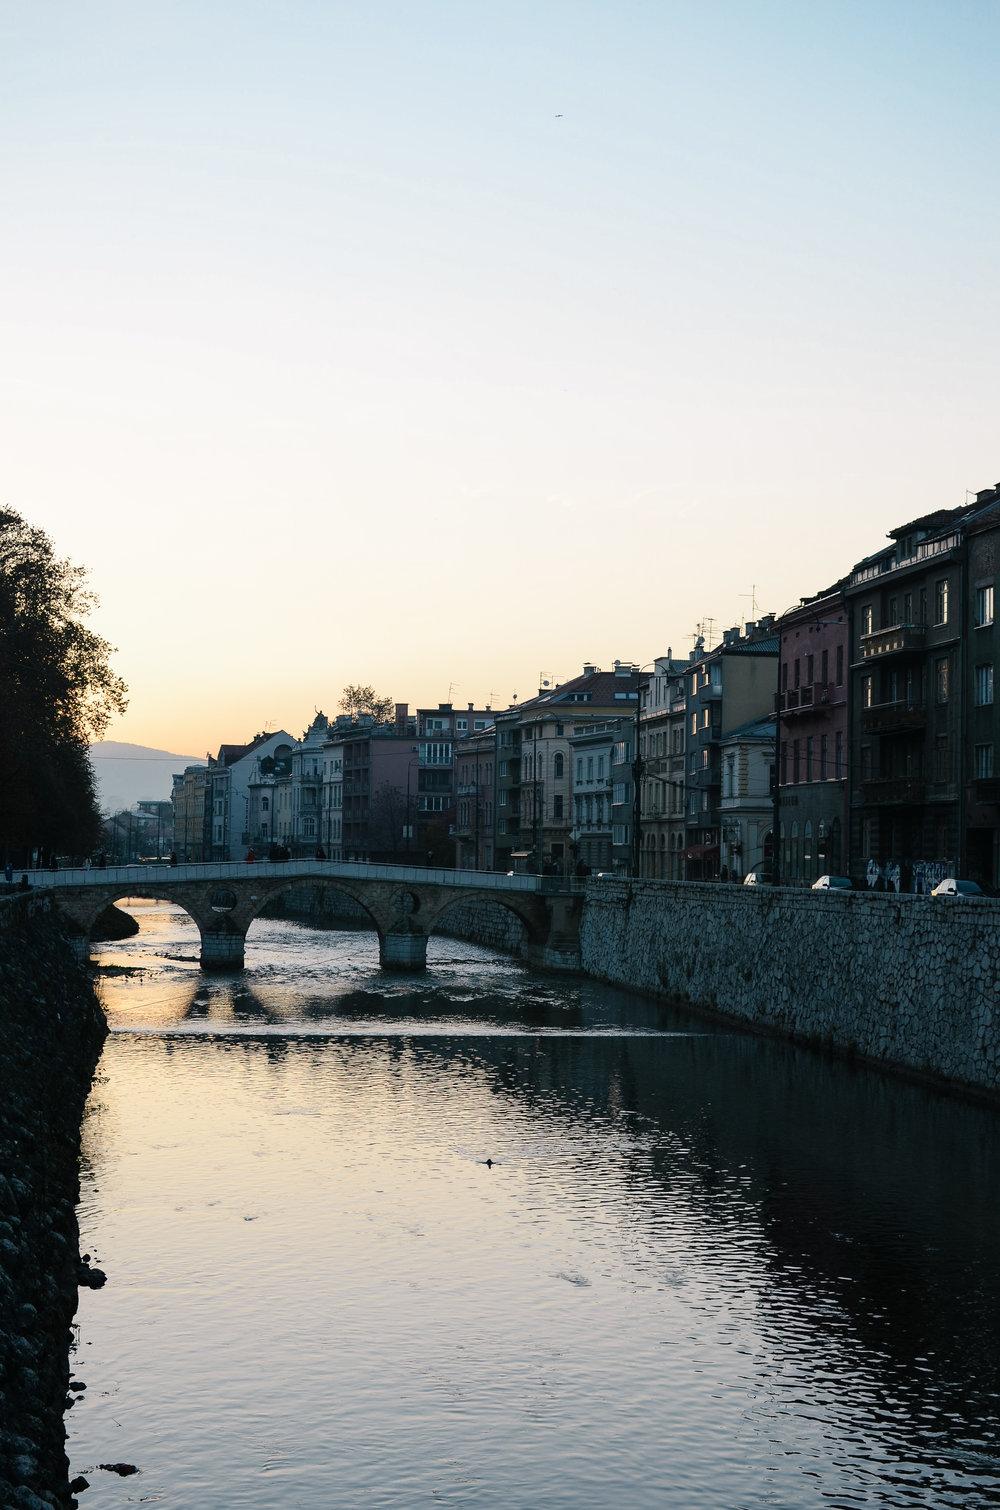 bosnia-travel-sarajevo-guide-lifeonpine_DSC_2778.jpg